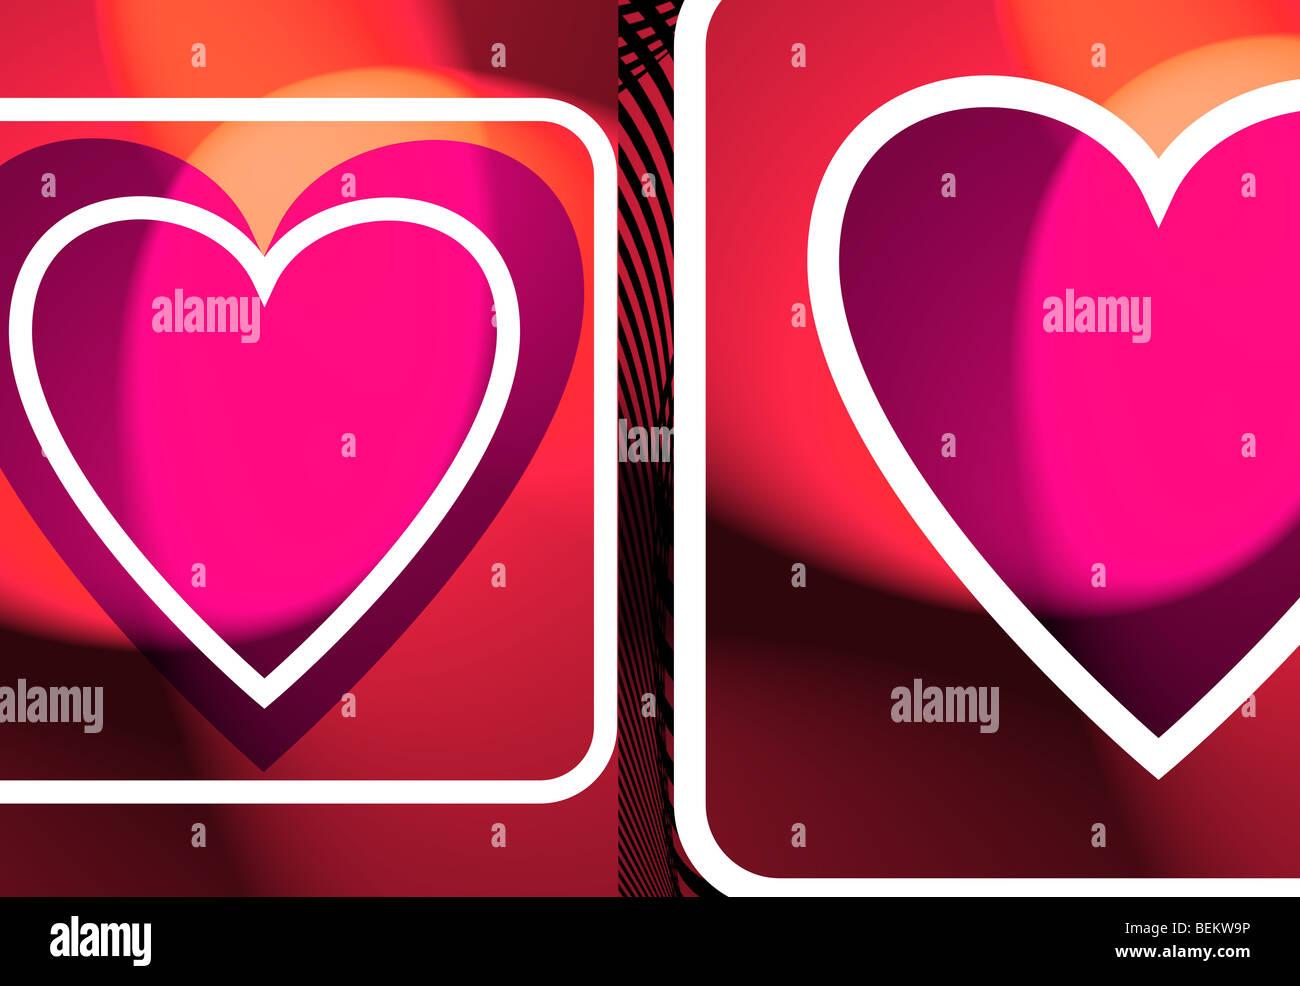 Illustrazione del cuore colorati Immagini Stock